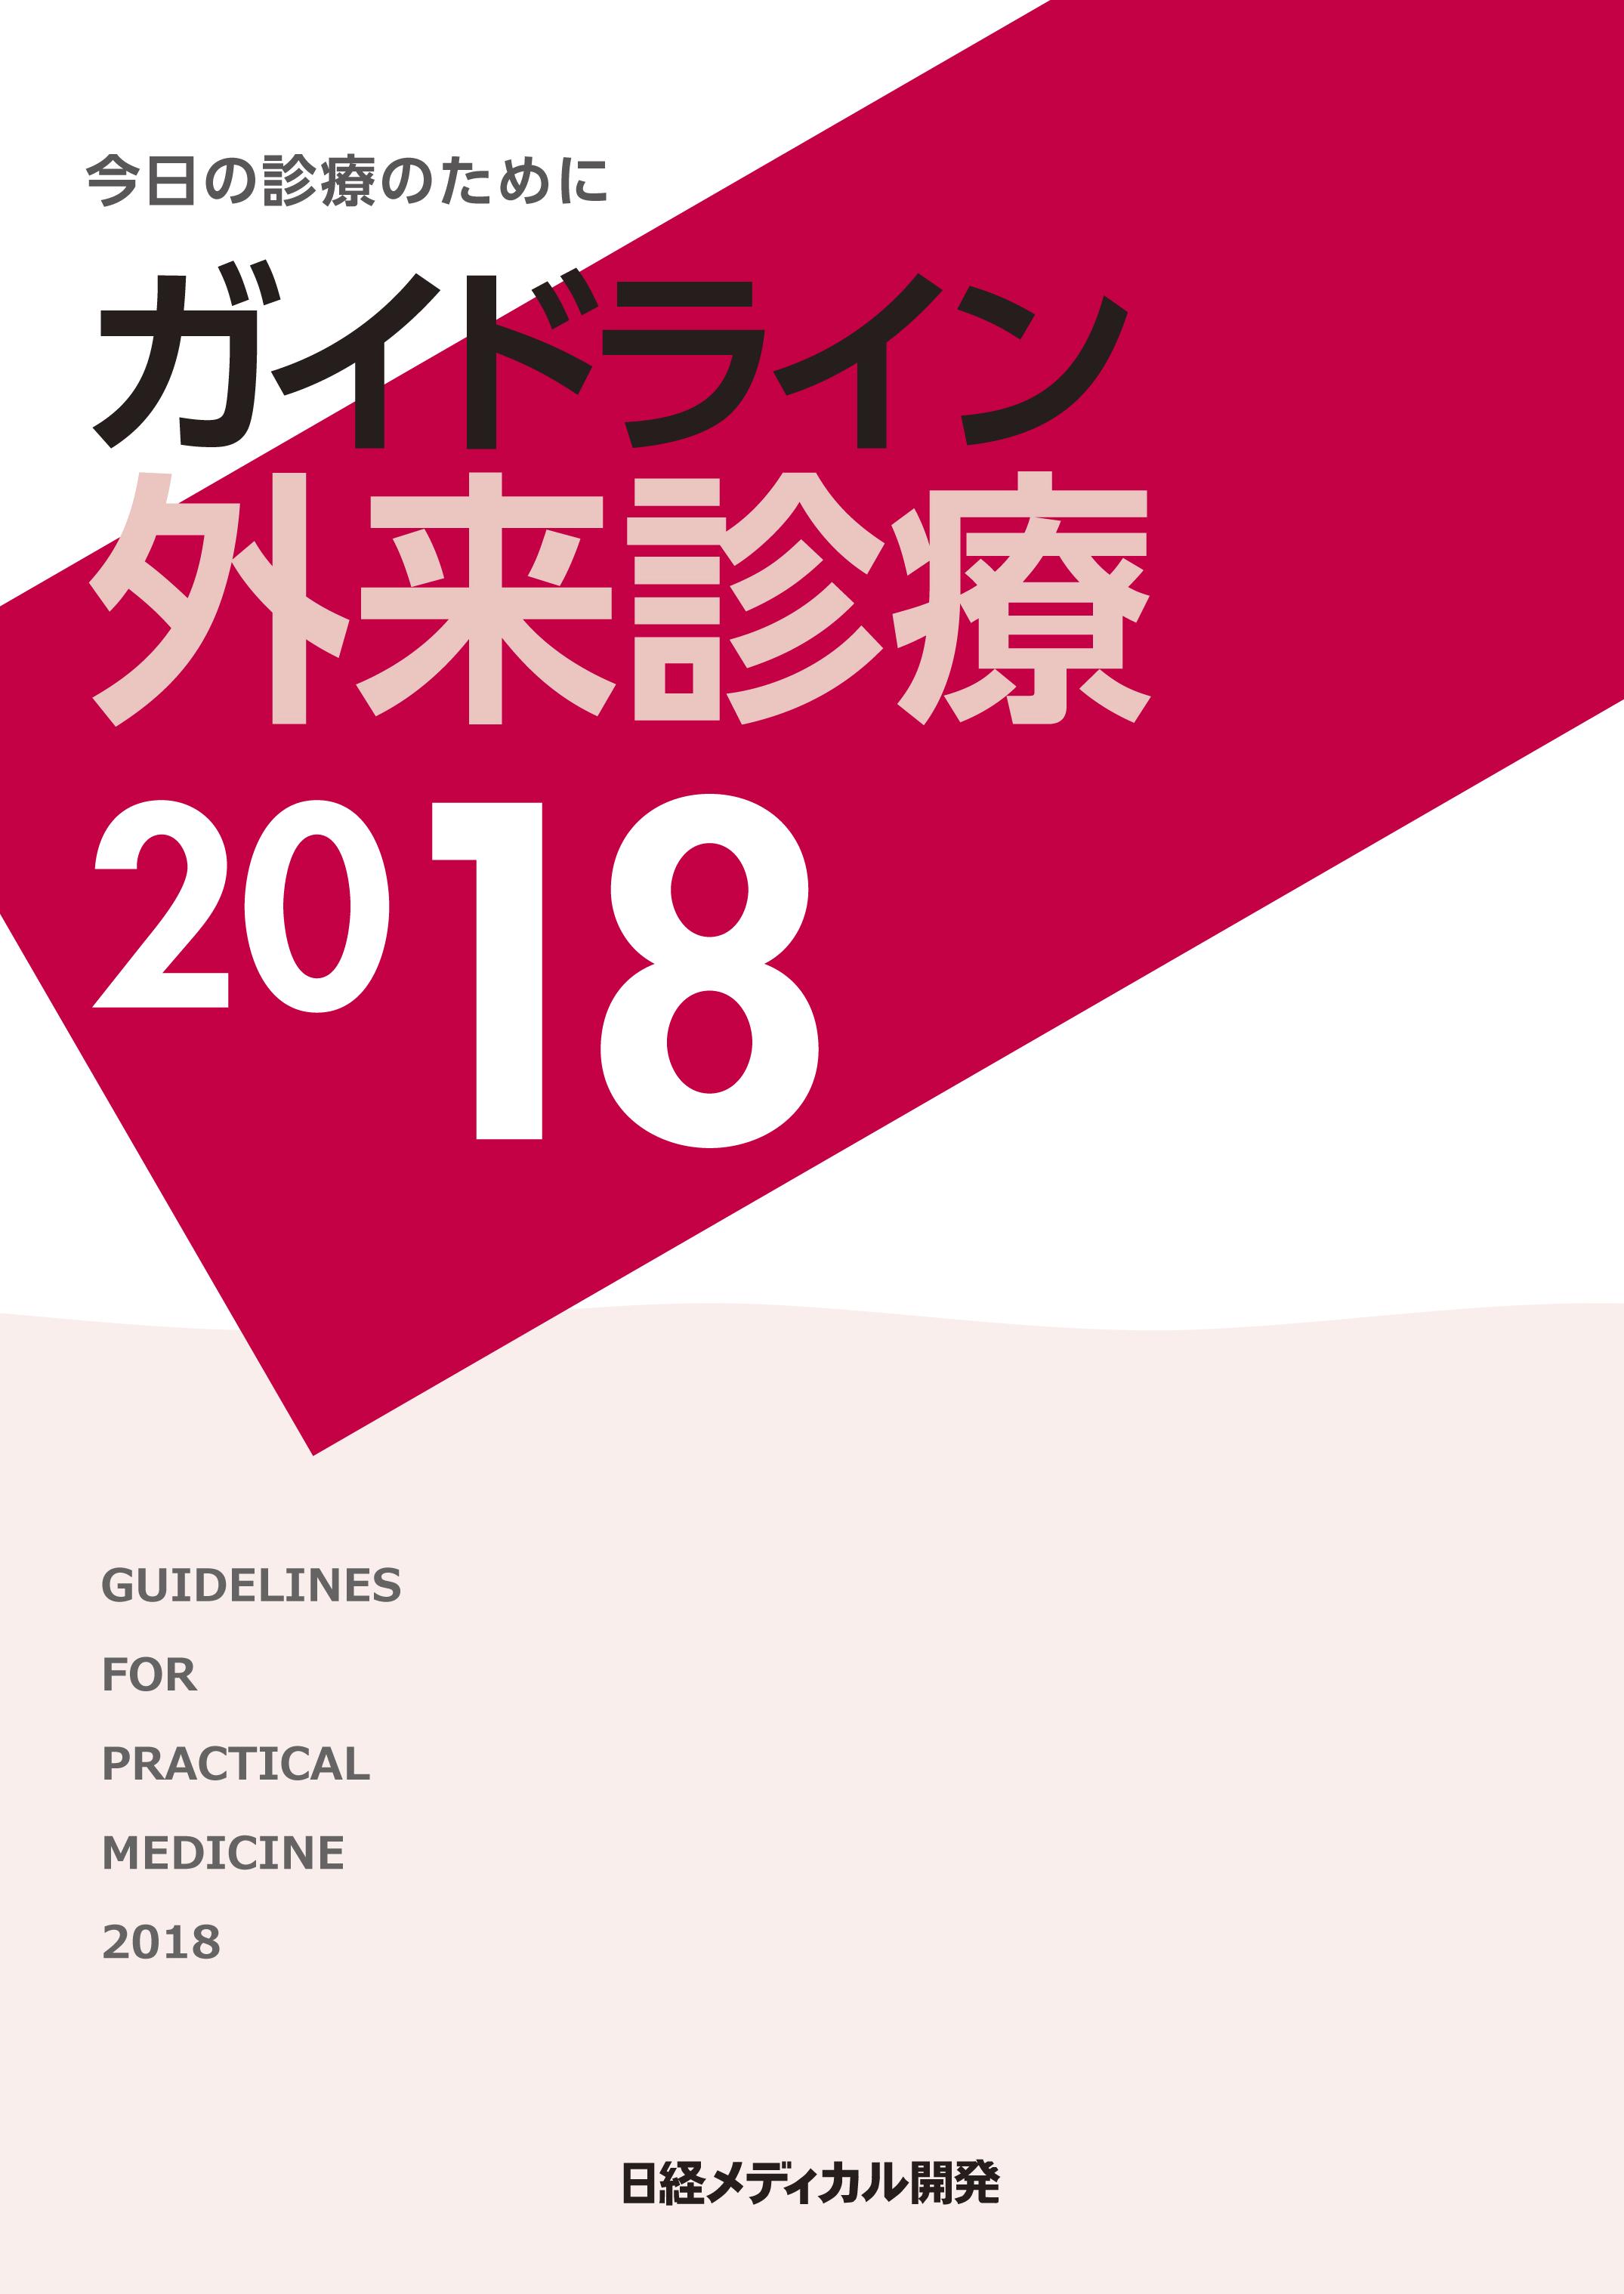 ガイドライン外来診療2018